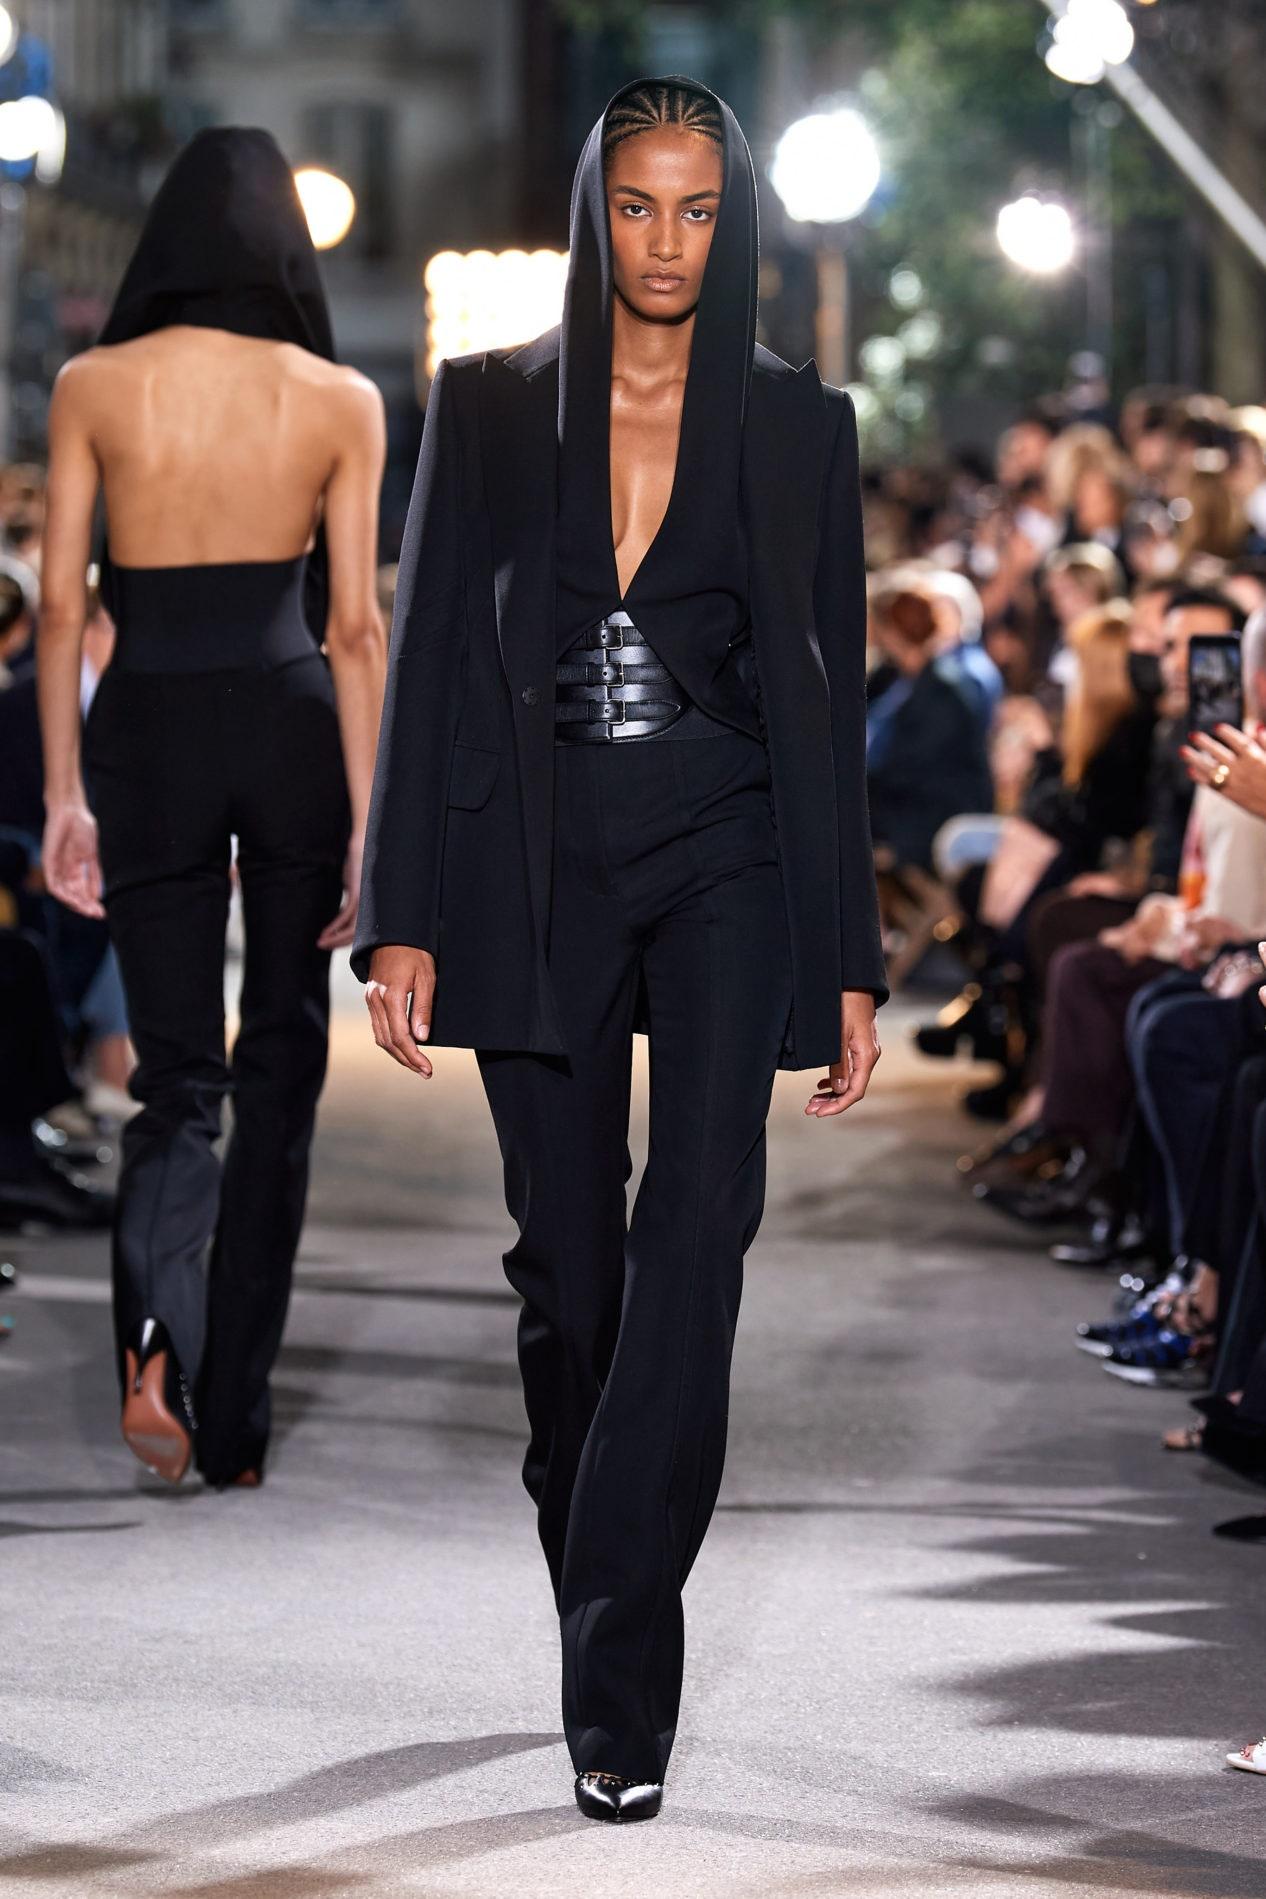 Будущее Alaïa: интервью Vogue c Питером Мюлье о его дебютной коллекции